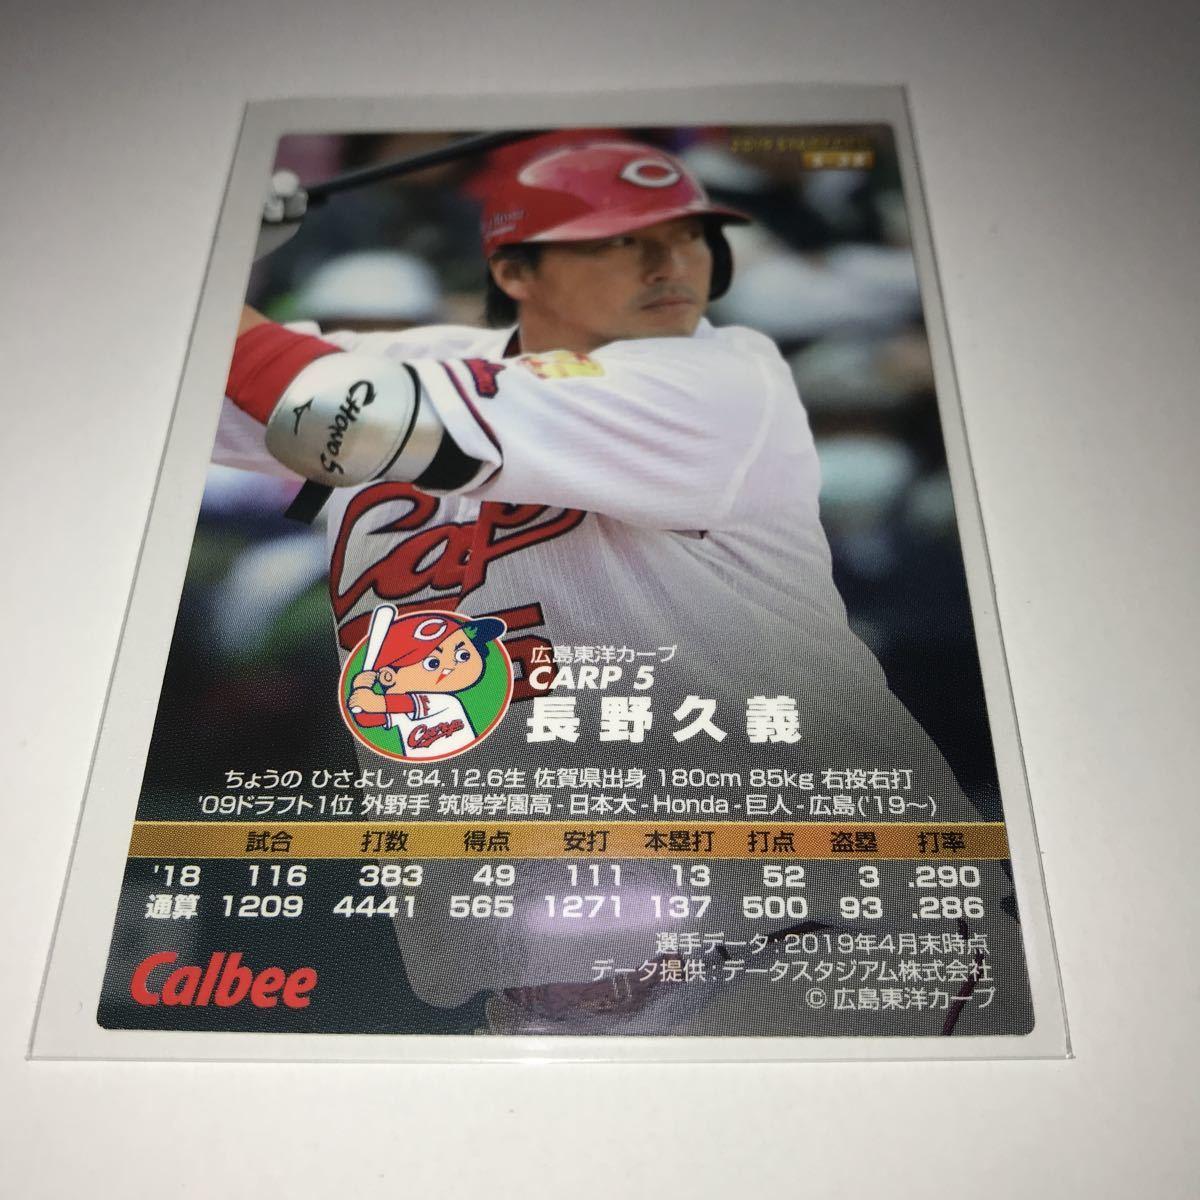 カルビー プロ野球チップス 広島カープ 長野久義 金箔サインカード 2019年_画像2